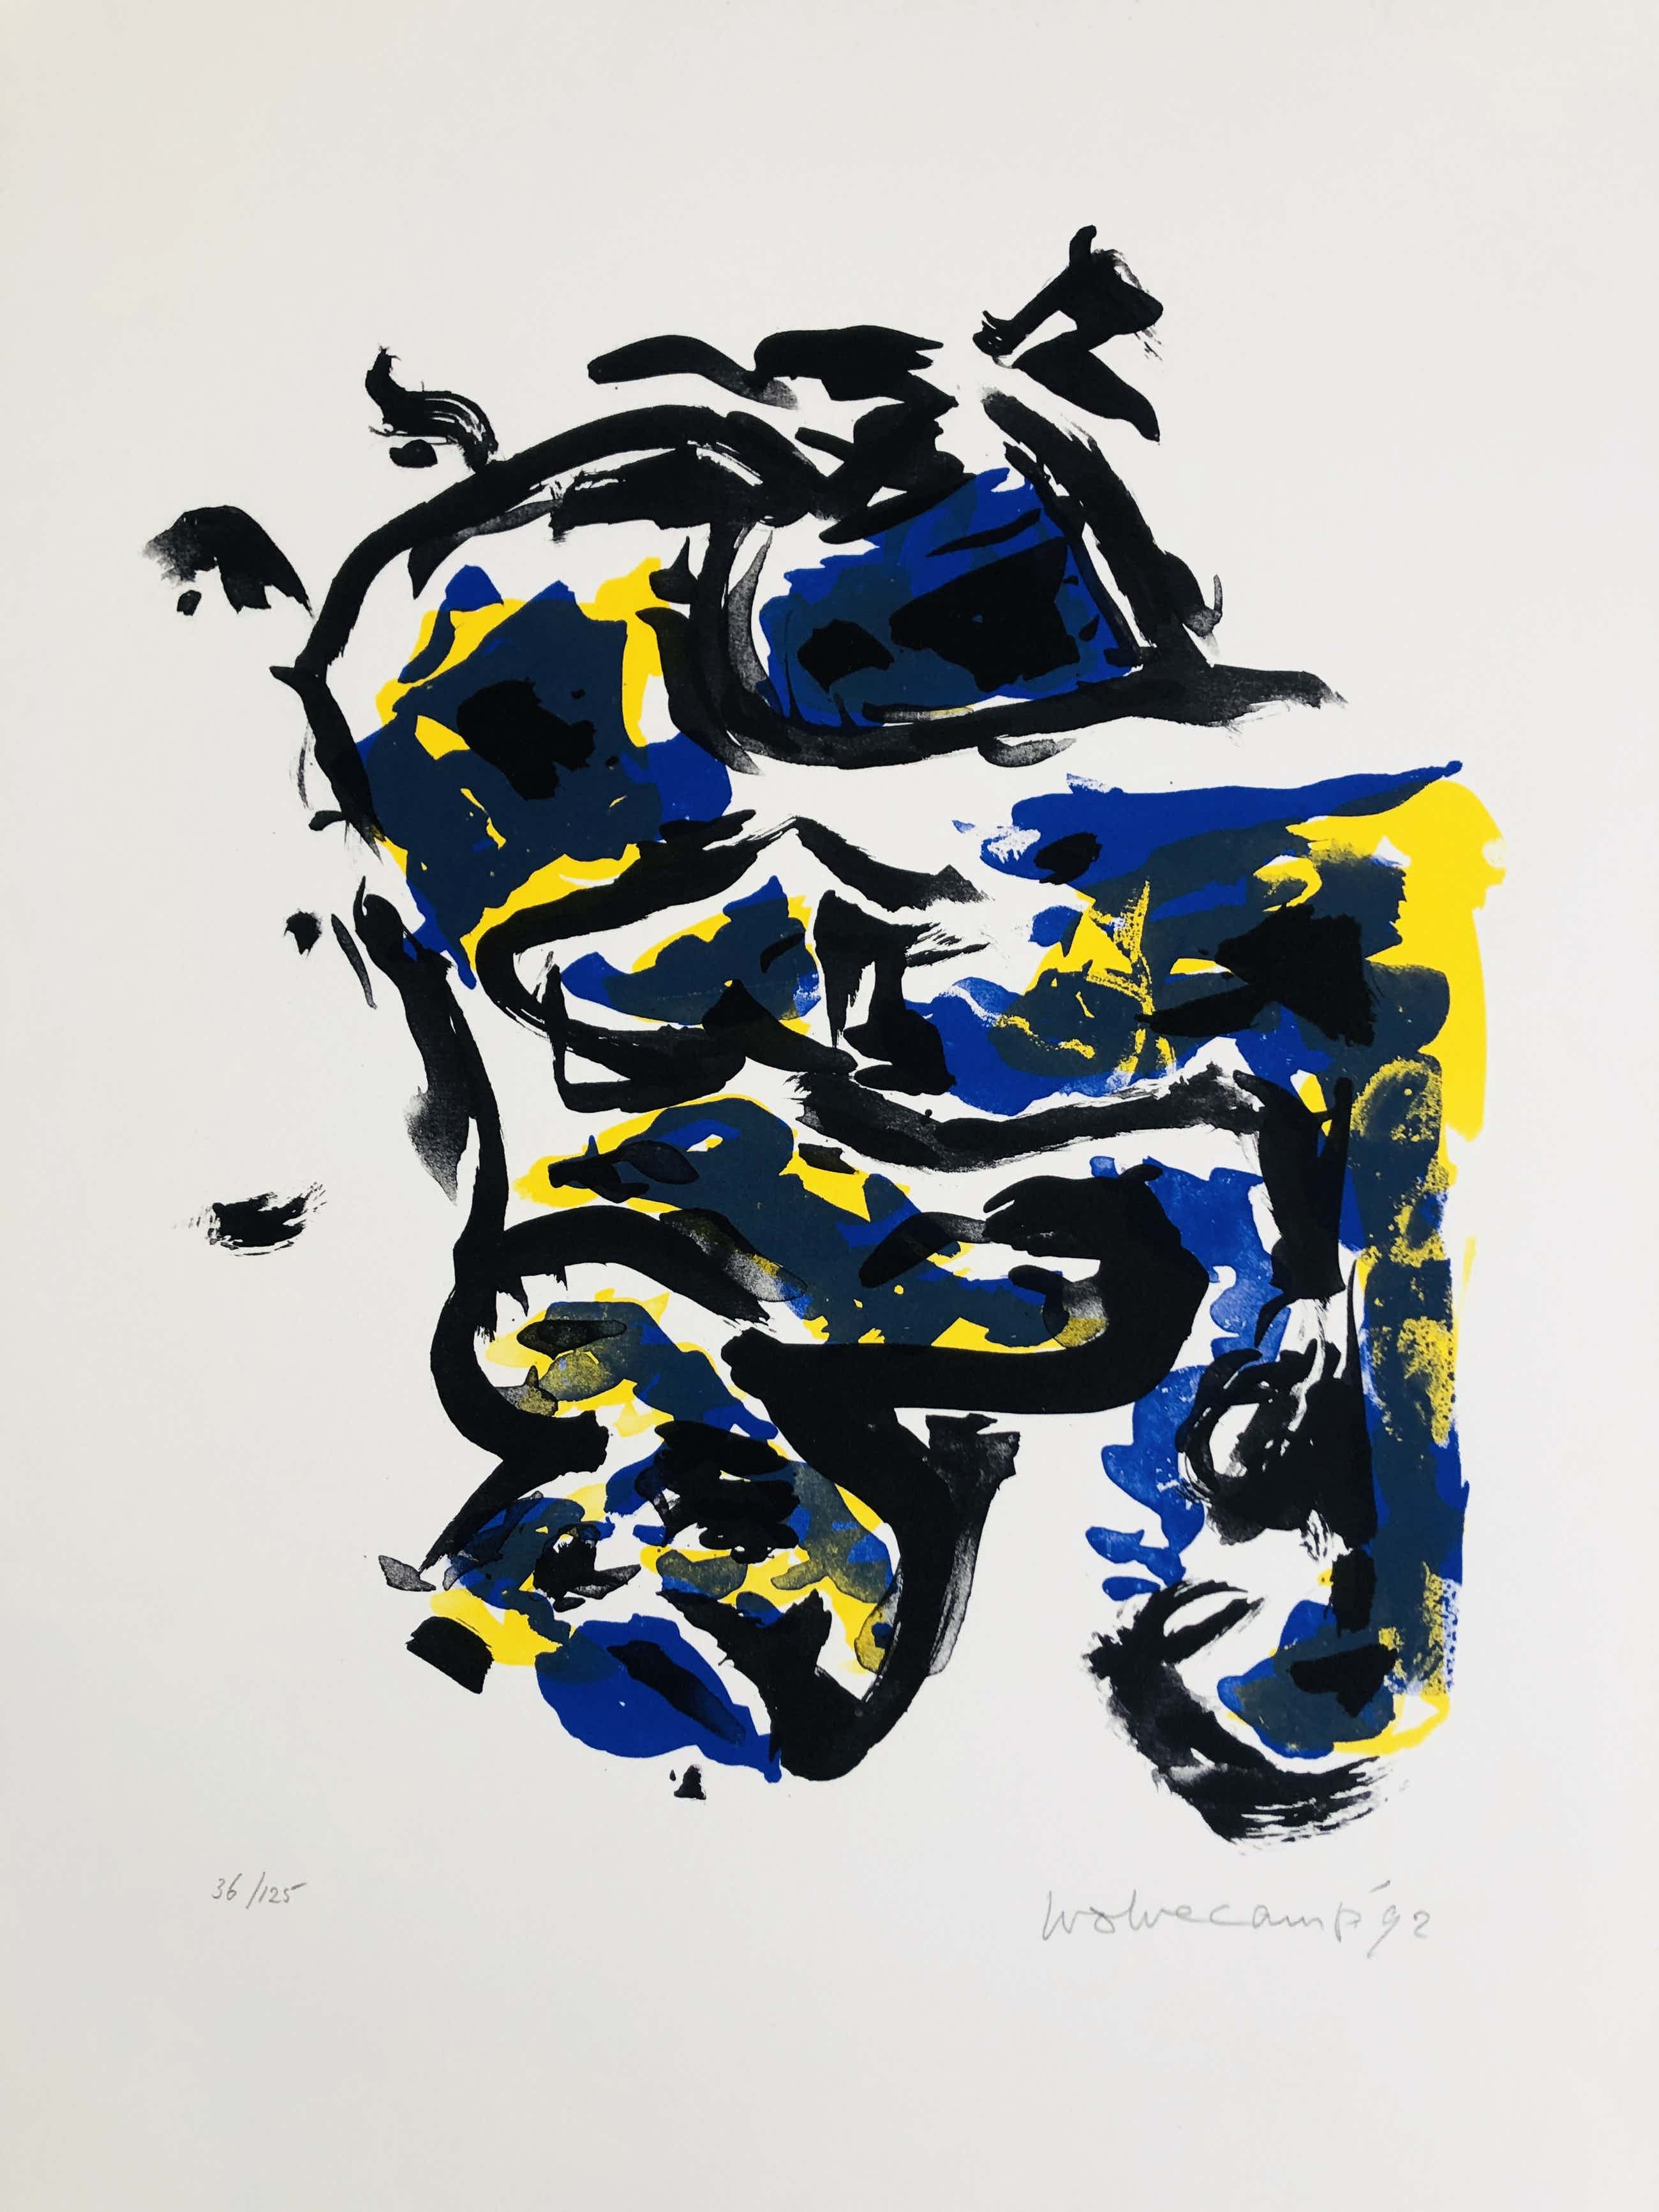 Theo Wolvecamp - compositie met geel, blauw en zwart kopen? Bied vanaf 170!